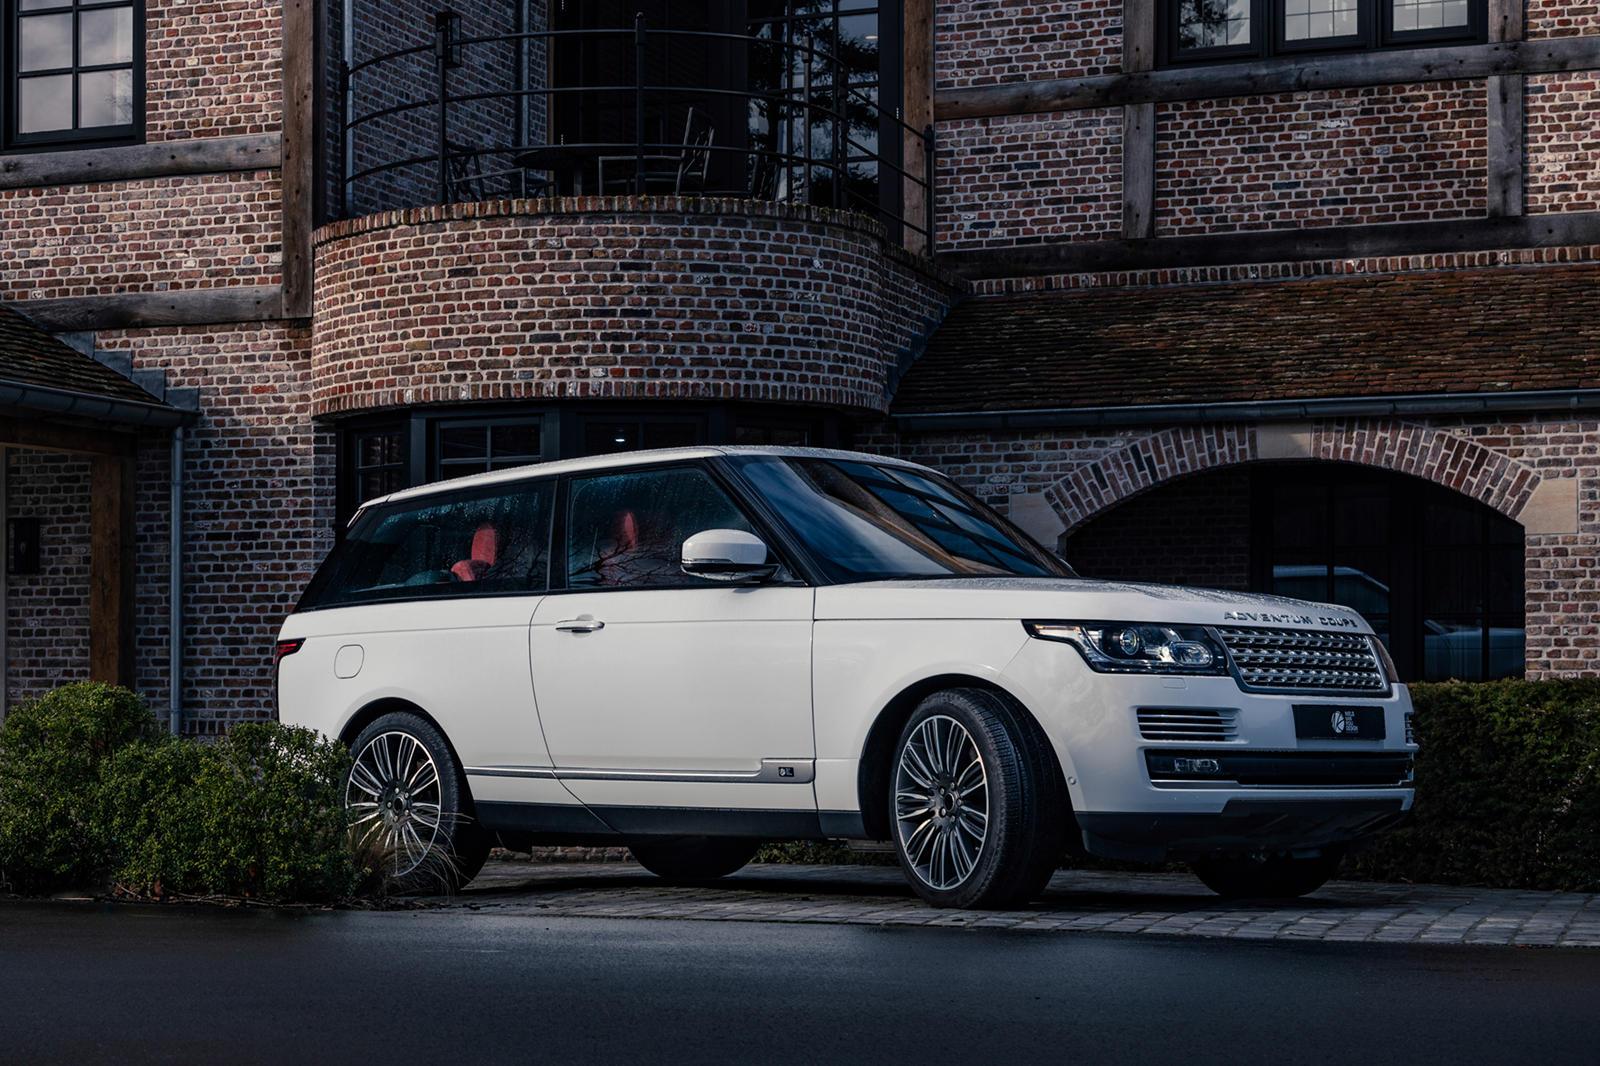 Лондонская студия Niels van Roij Design показала проект Adventum Coupe – внедорожник Range Rover с трёхдверным кузовом.